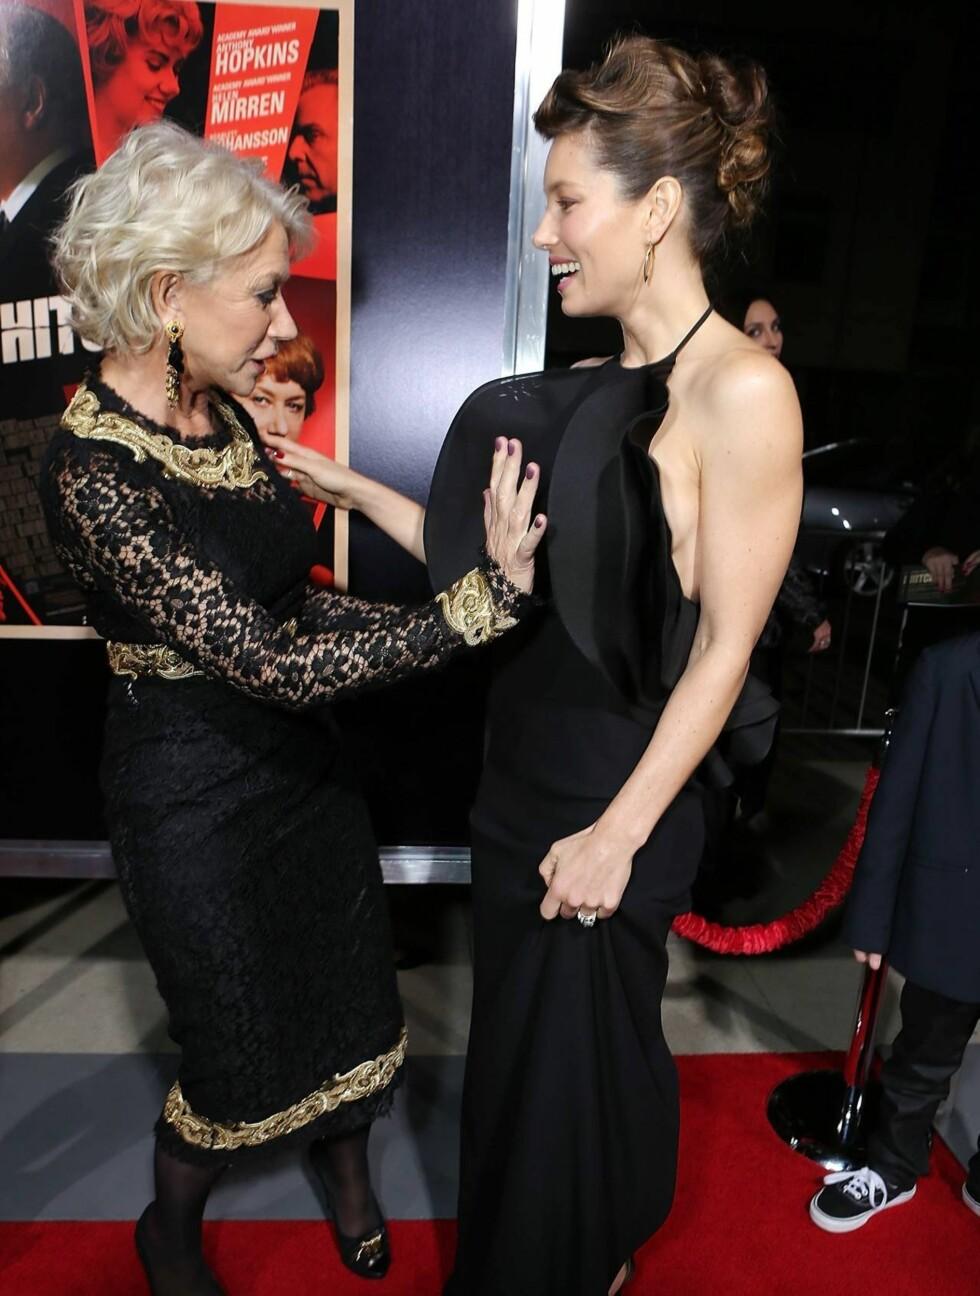 FASCINERT: Helen Mirren ble fascinert av draperingene på 30-åringens kjole. Foto: All Over Press